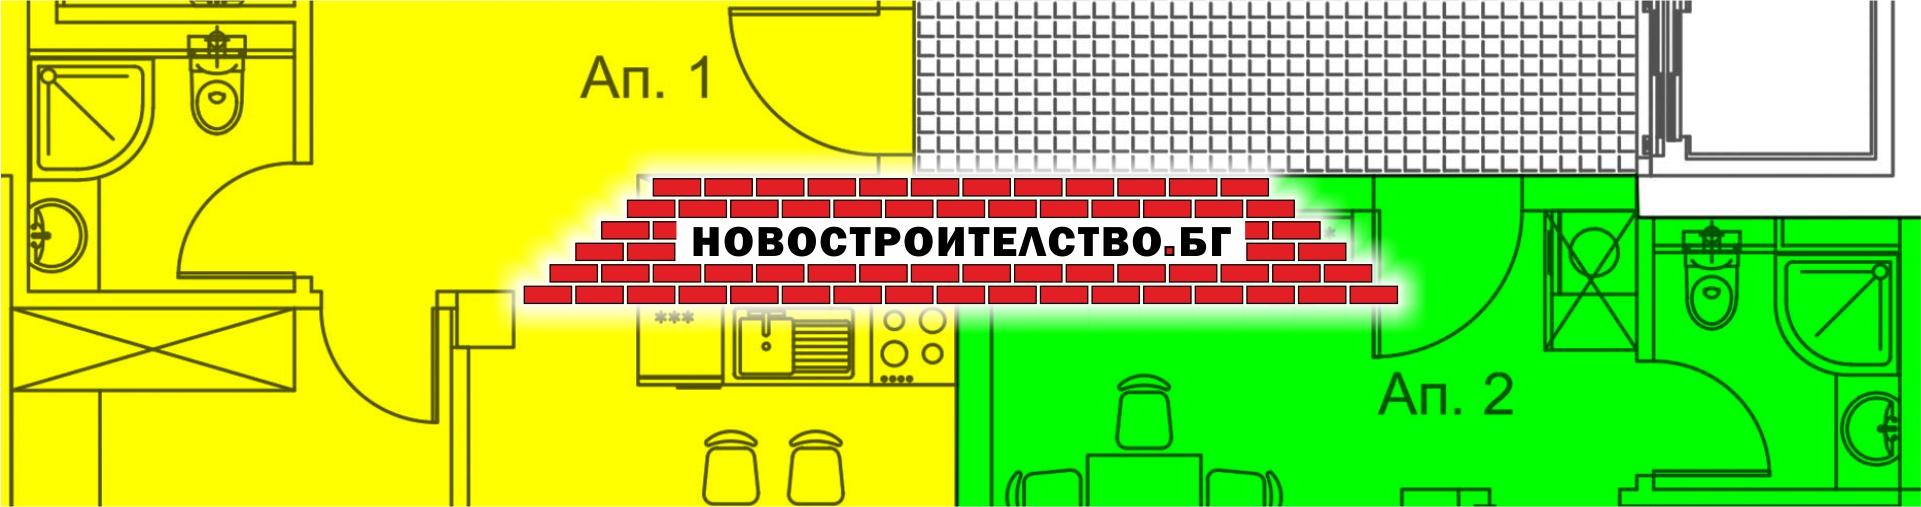 Ново строителство София. Имоти София